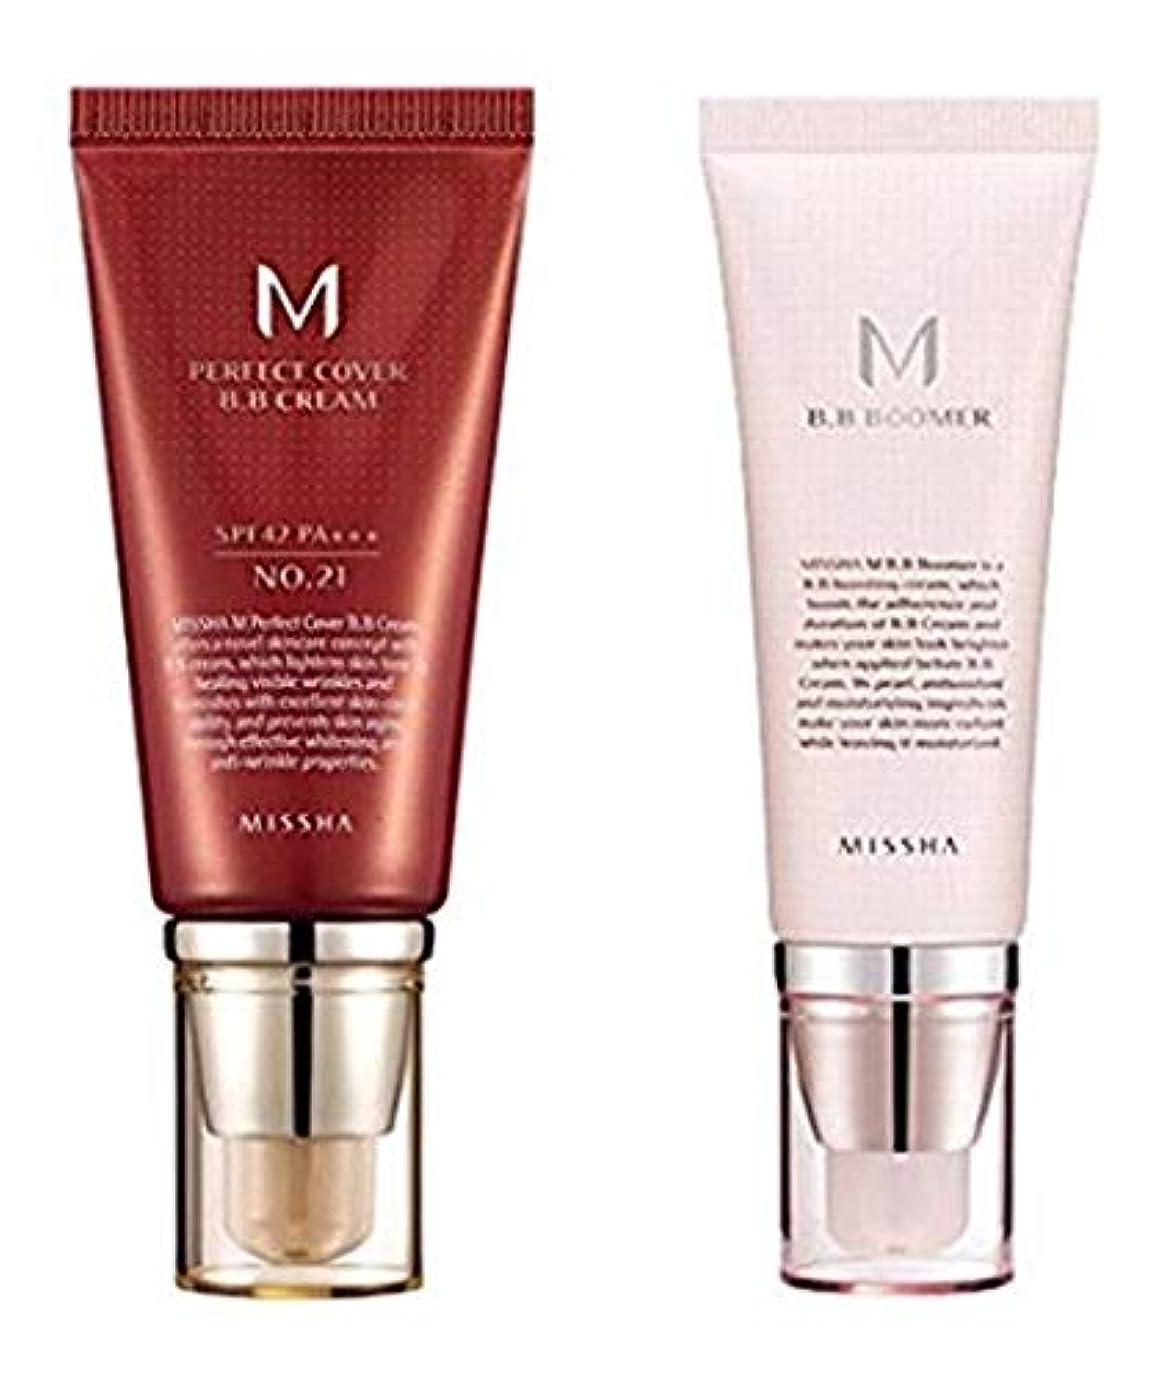 現実的産地熟読するMISSHA M Perfect Cover BB cream #21 + M BB Boomer / ミシャ M パーフェクトカバー BBクリーム 50ml + M BBブーマー40ml [並行輸入品]